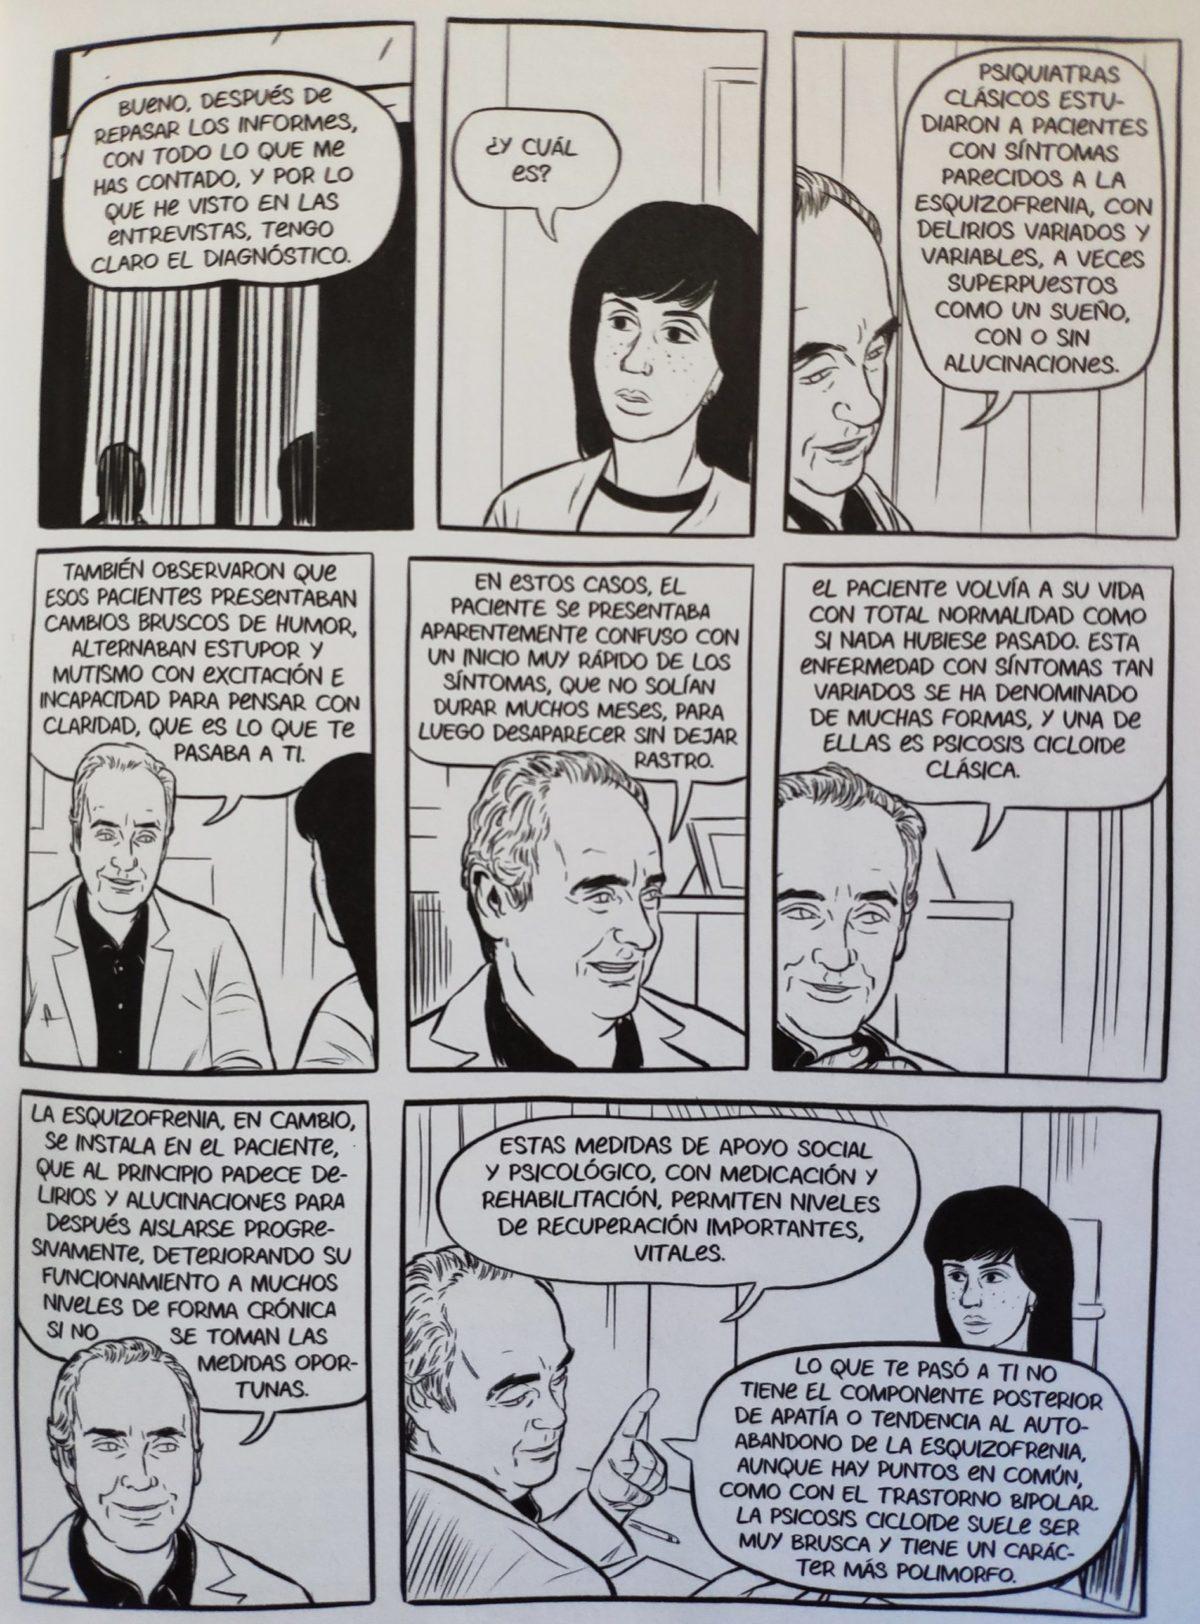 Mio caro fumetto… – Il dottor Santi Escoté e la diagnosi definitiva di psicosi cicloide